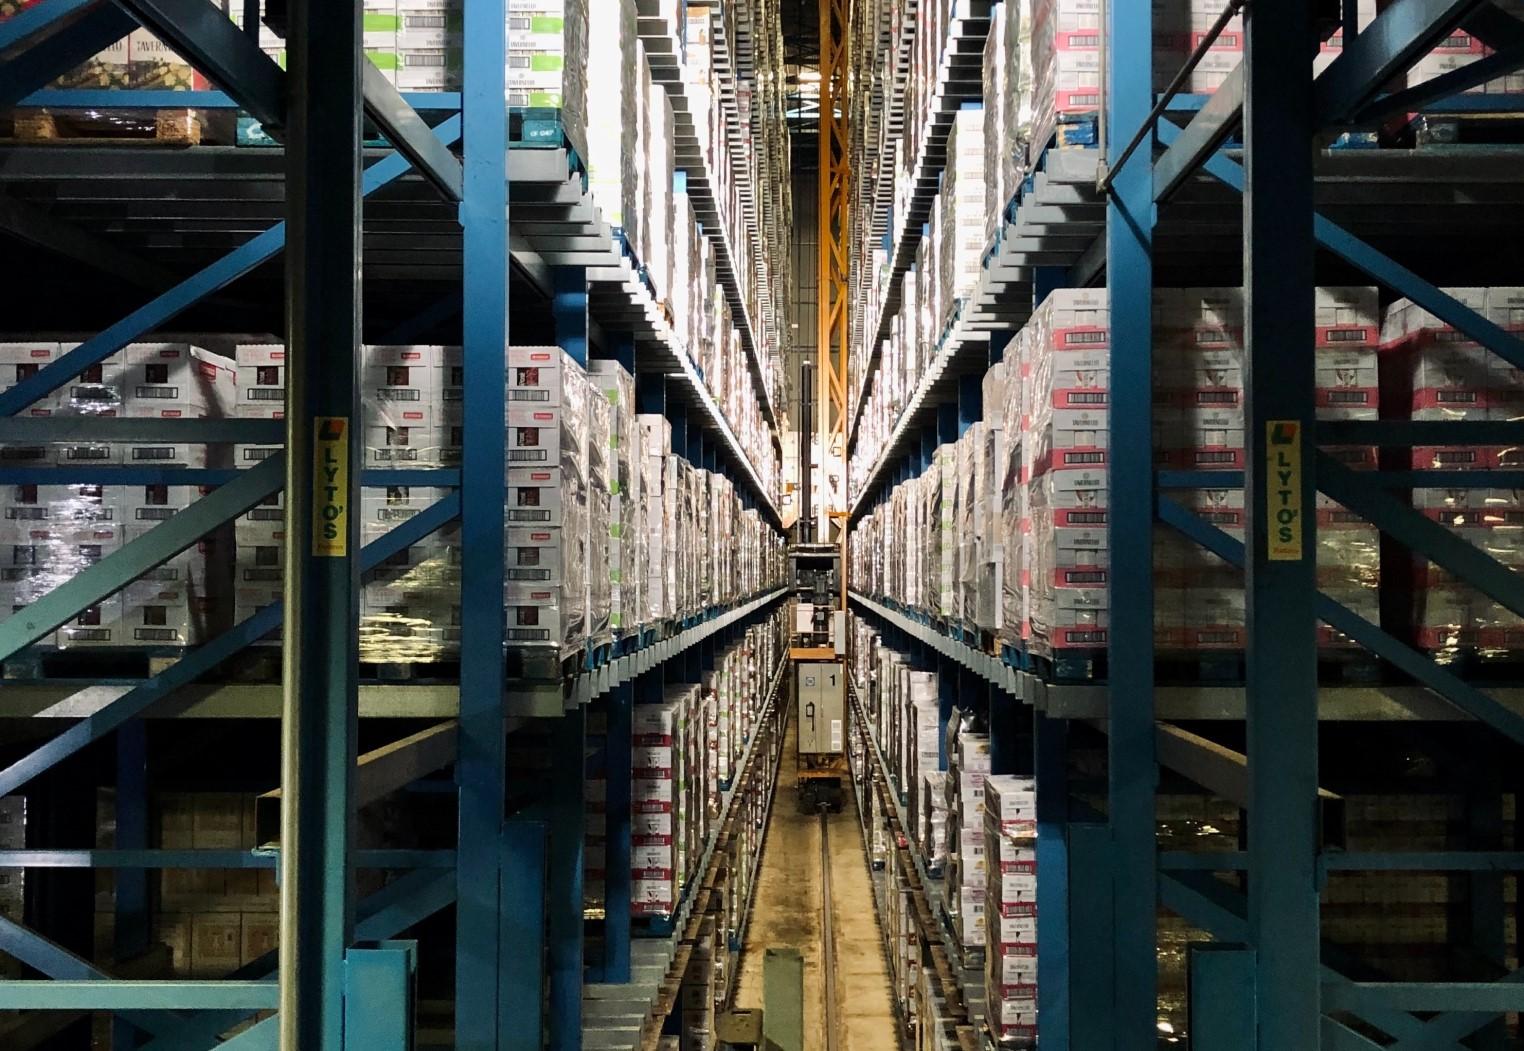 Azienda logistica a Piacenza - immagine di magazzino scaffalature e pacchi